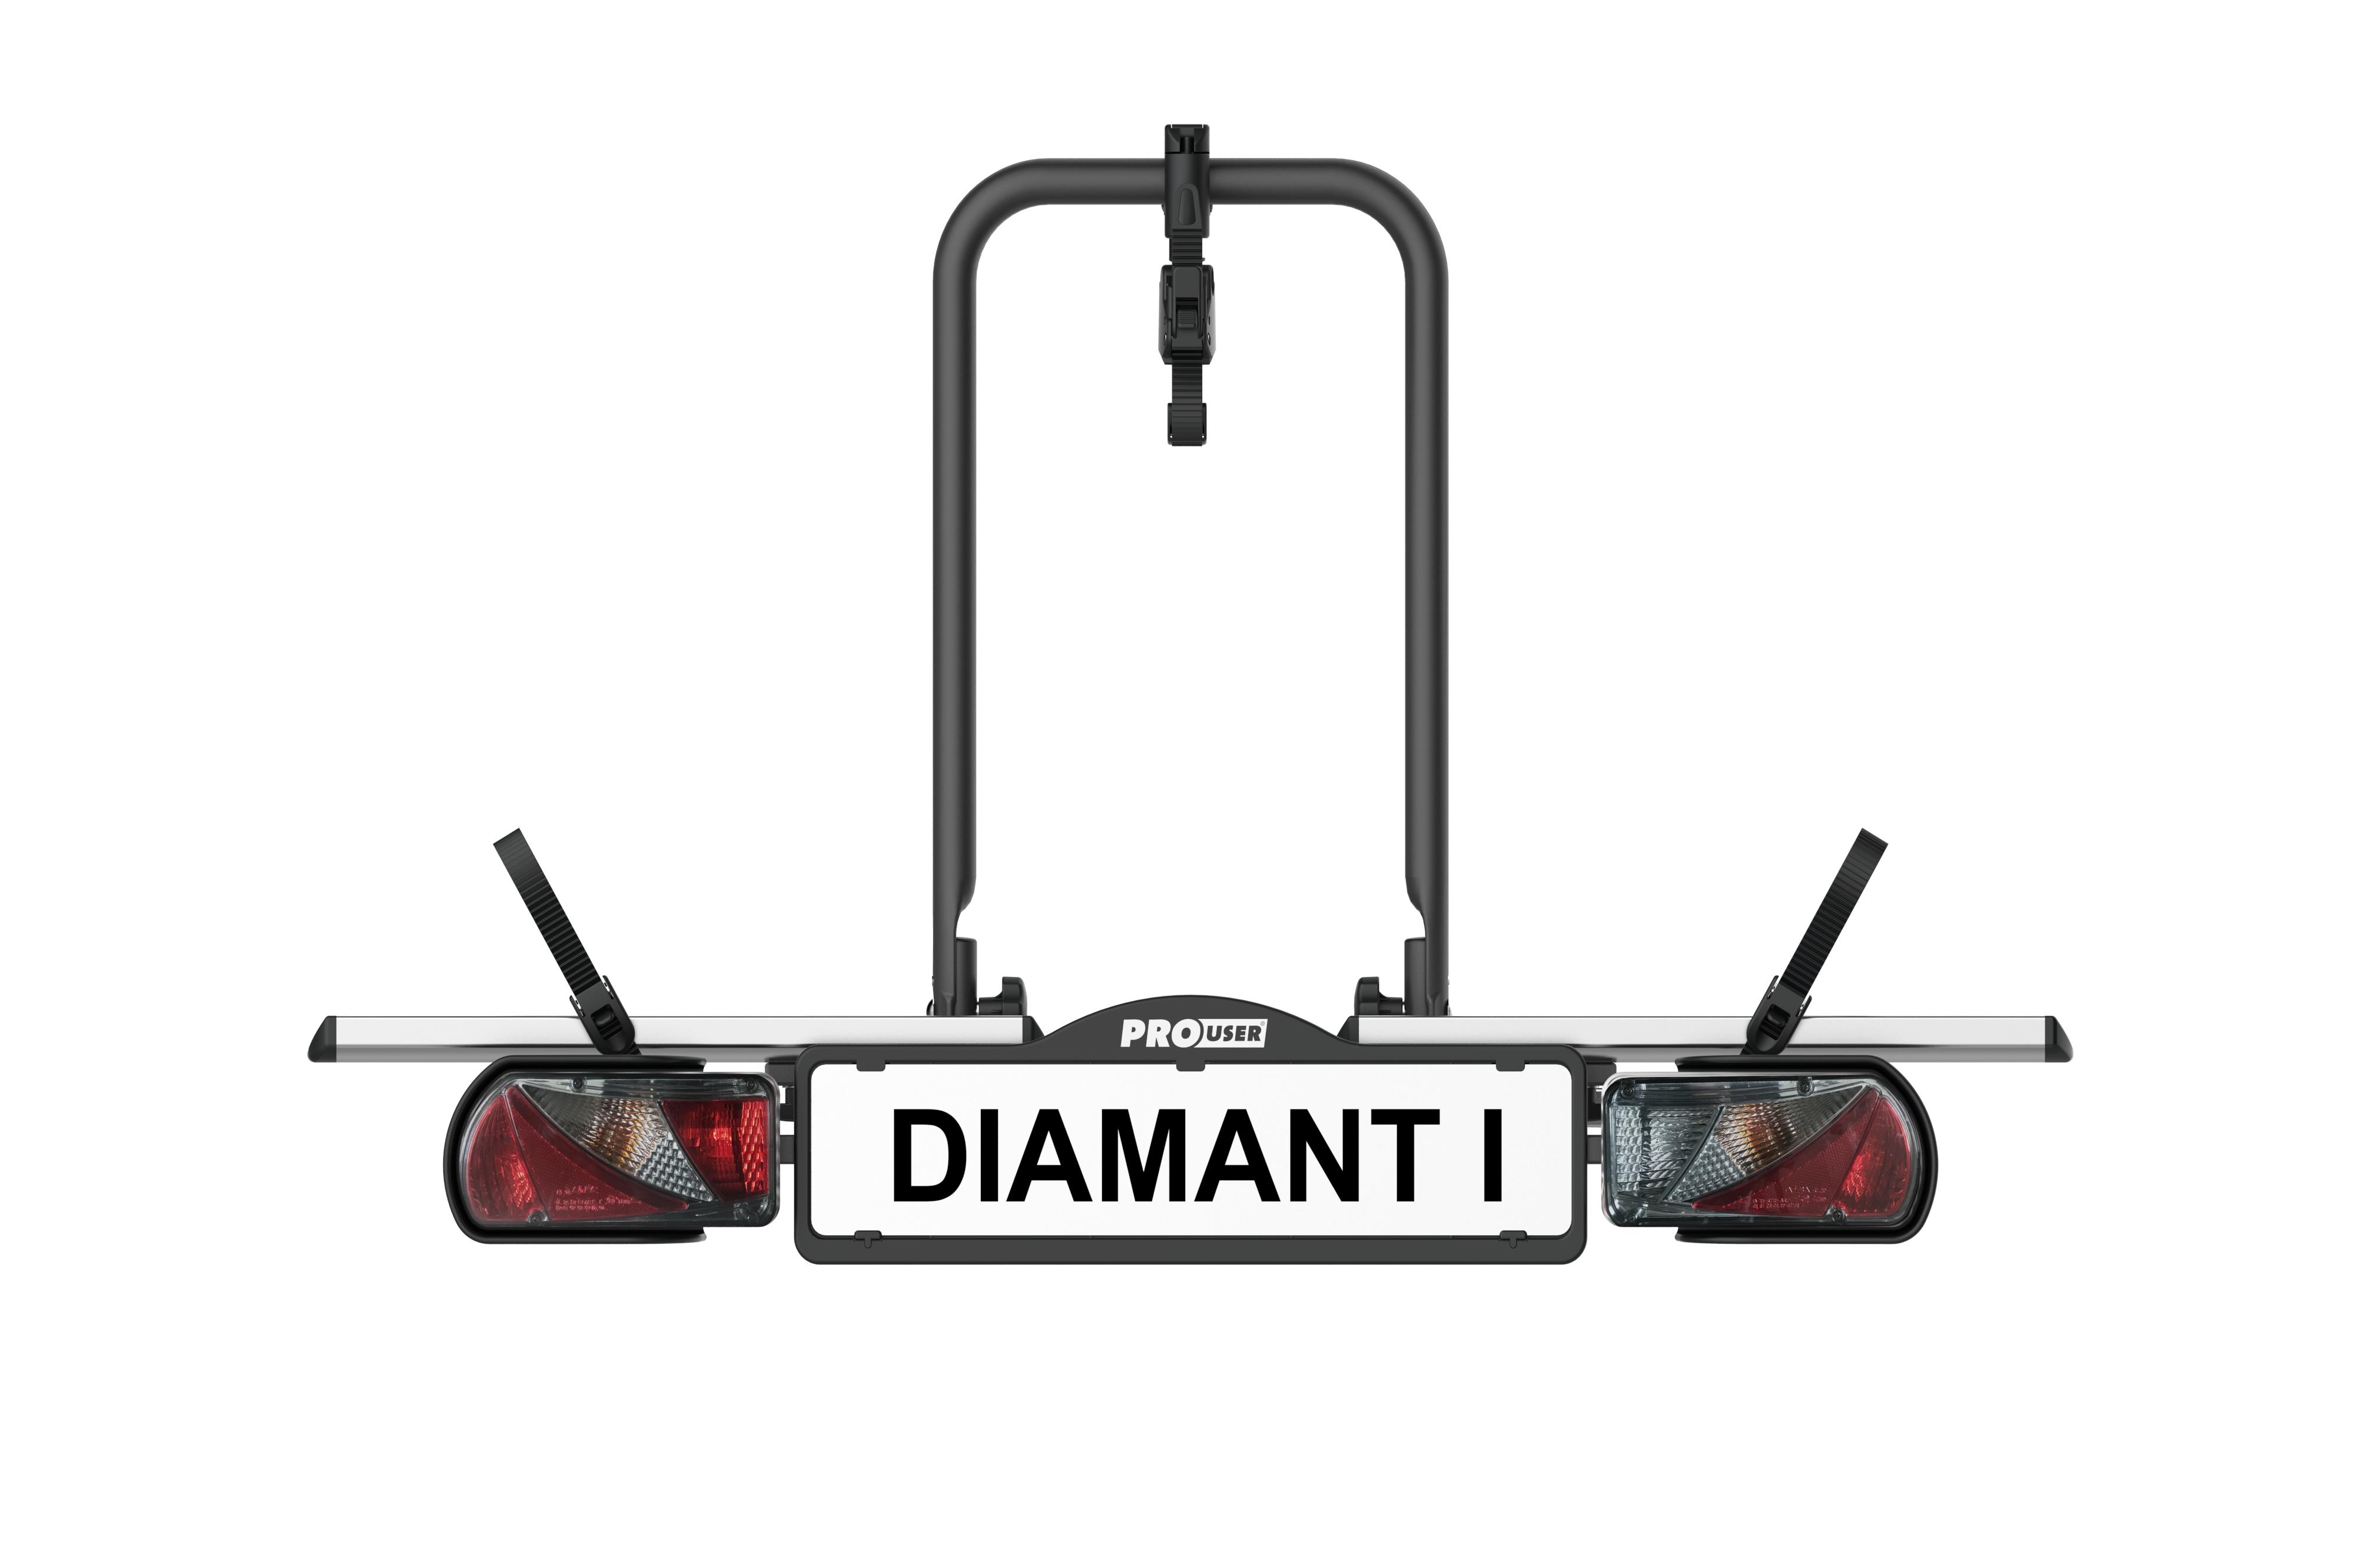 Pro User Diamant 1